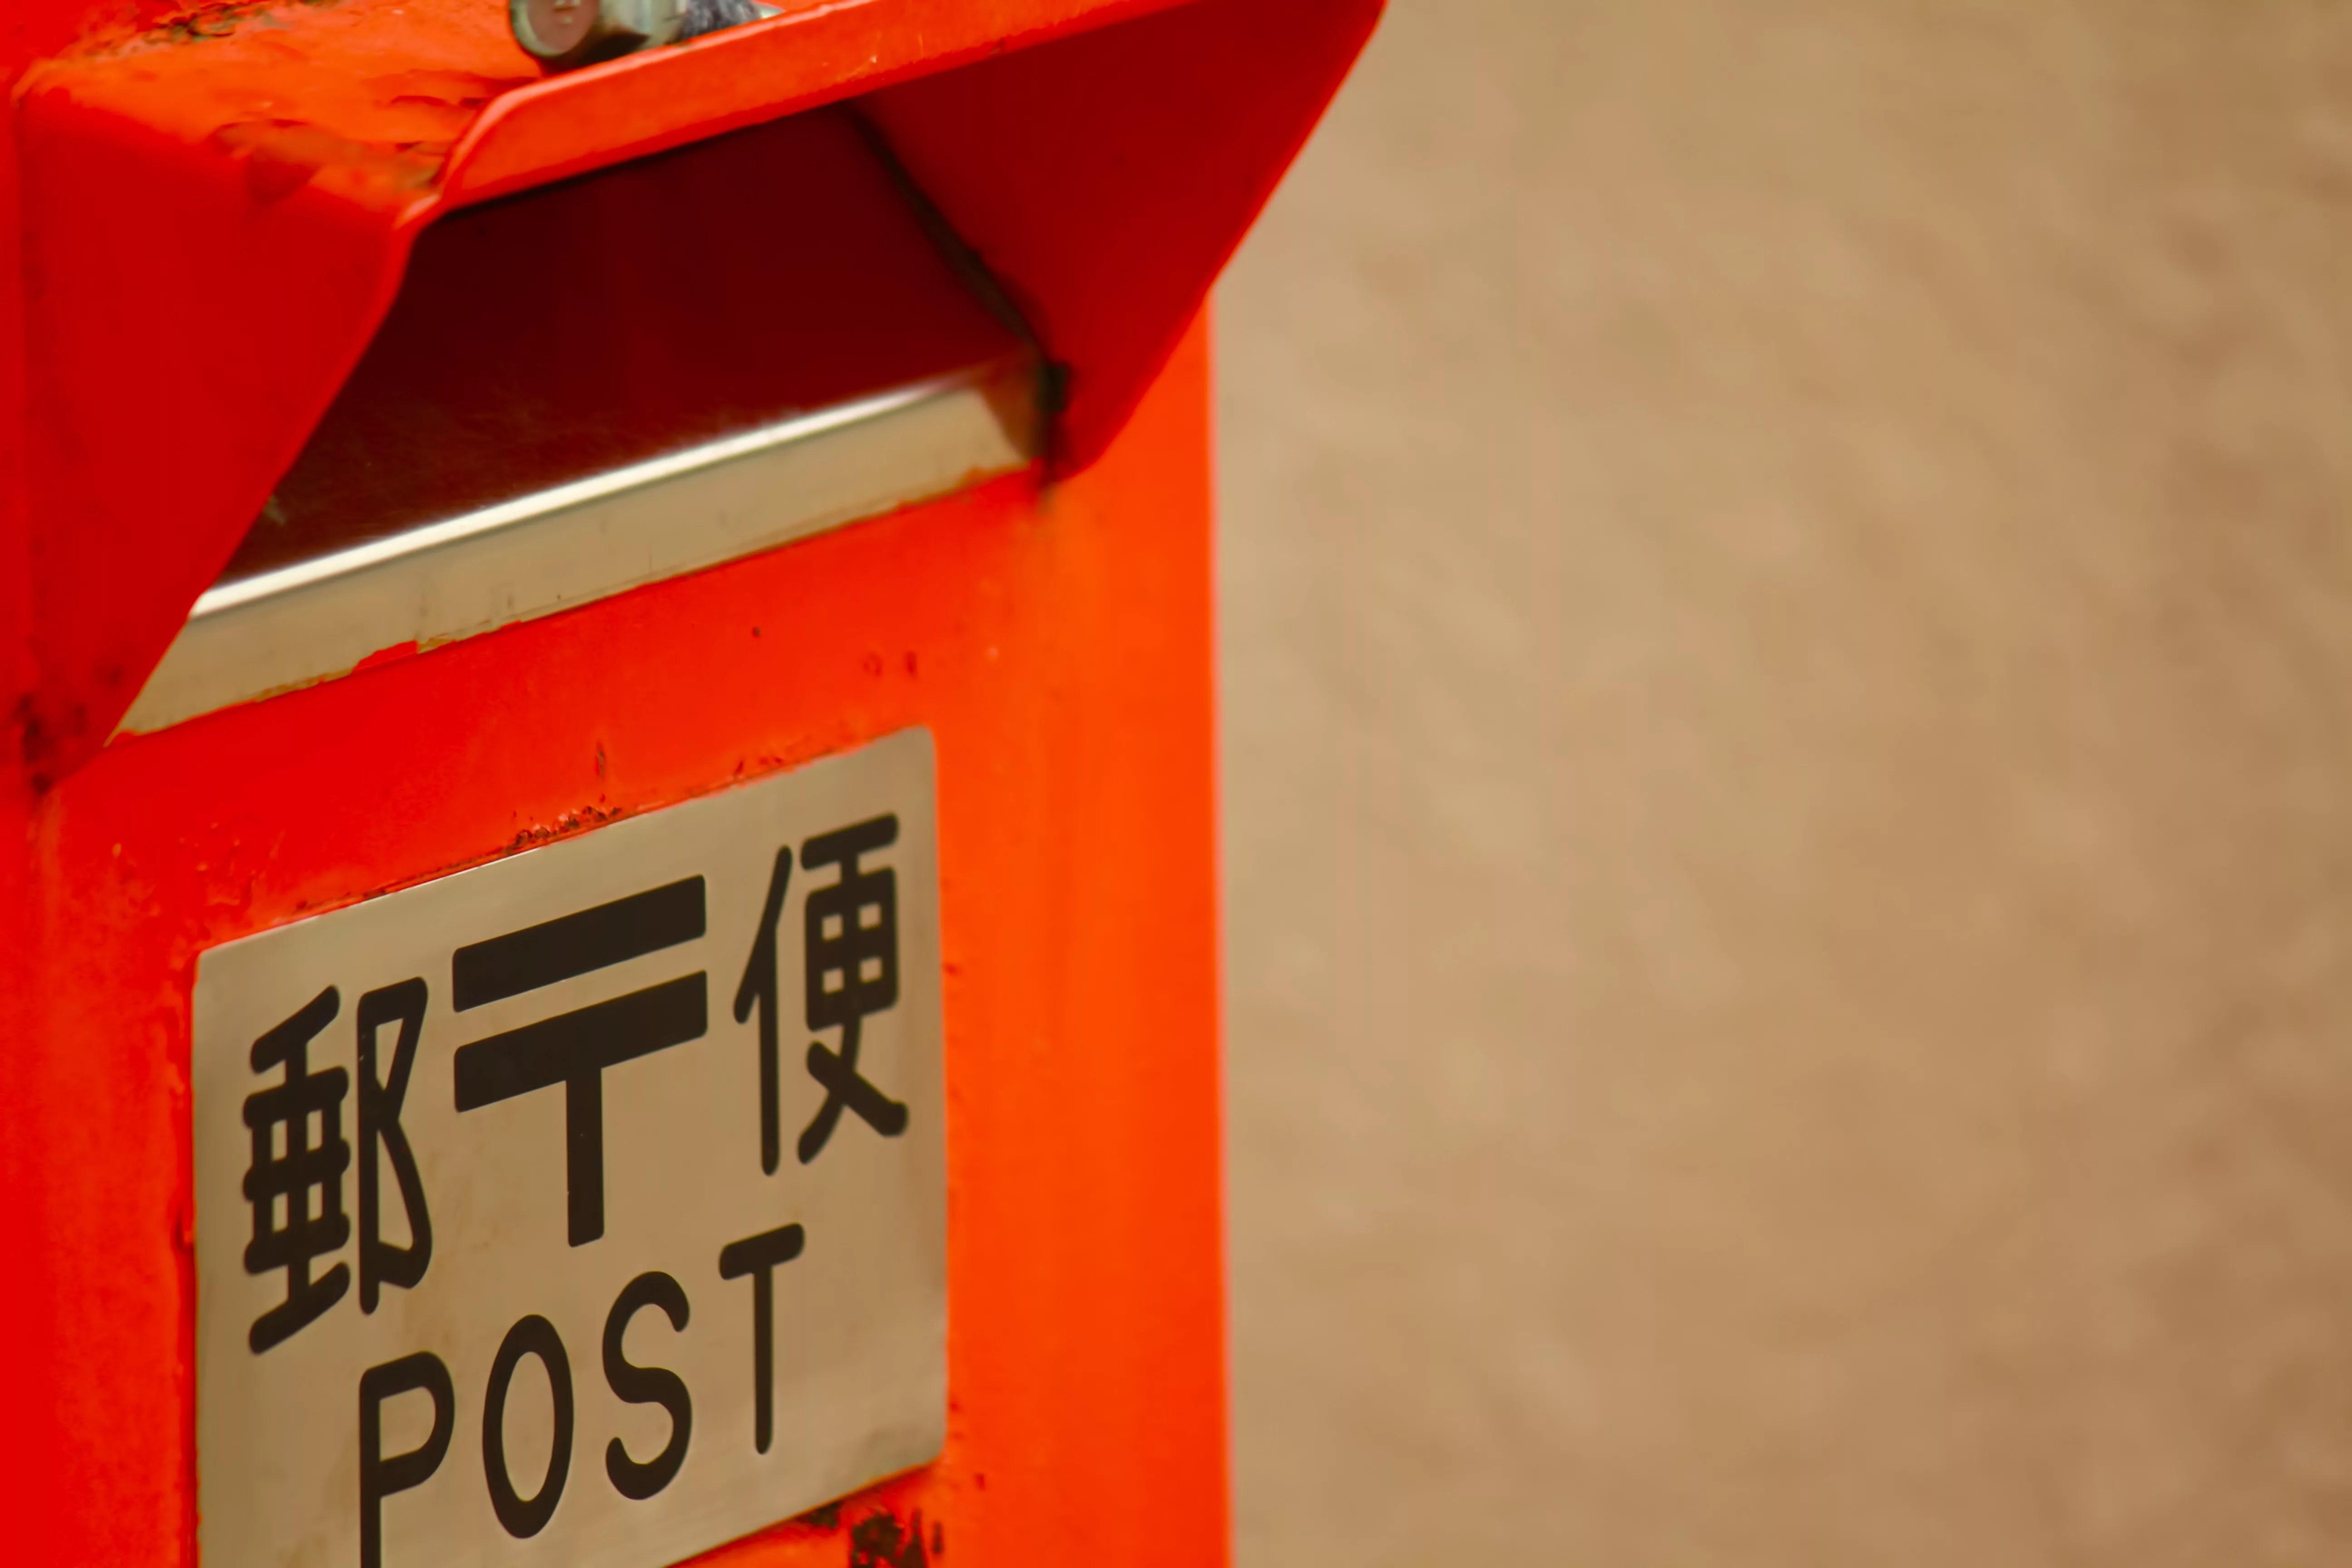 郵便post